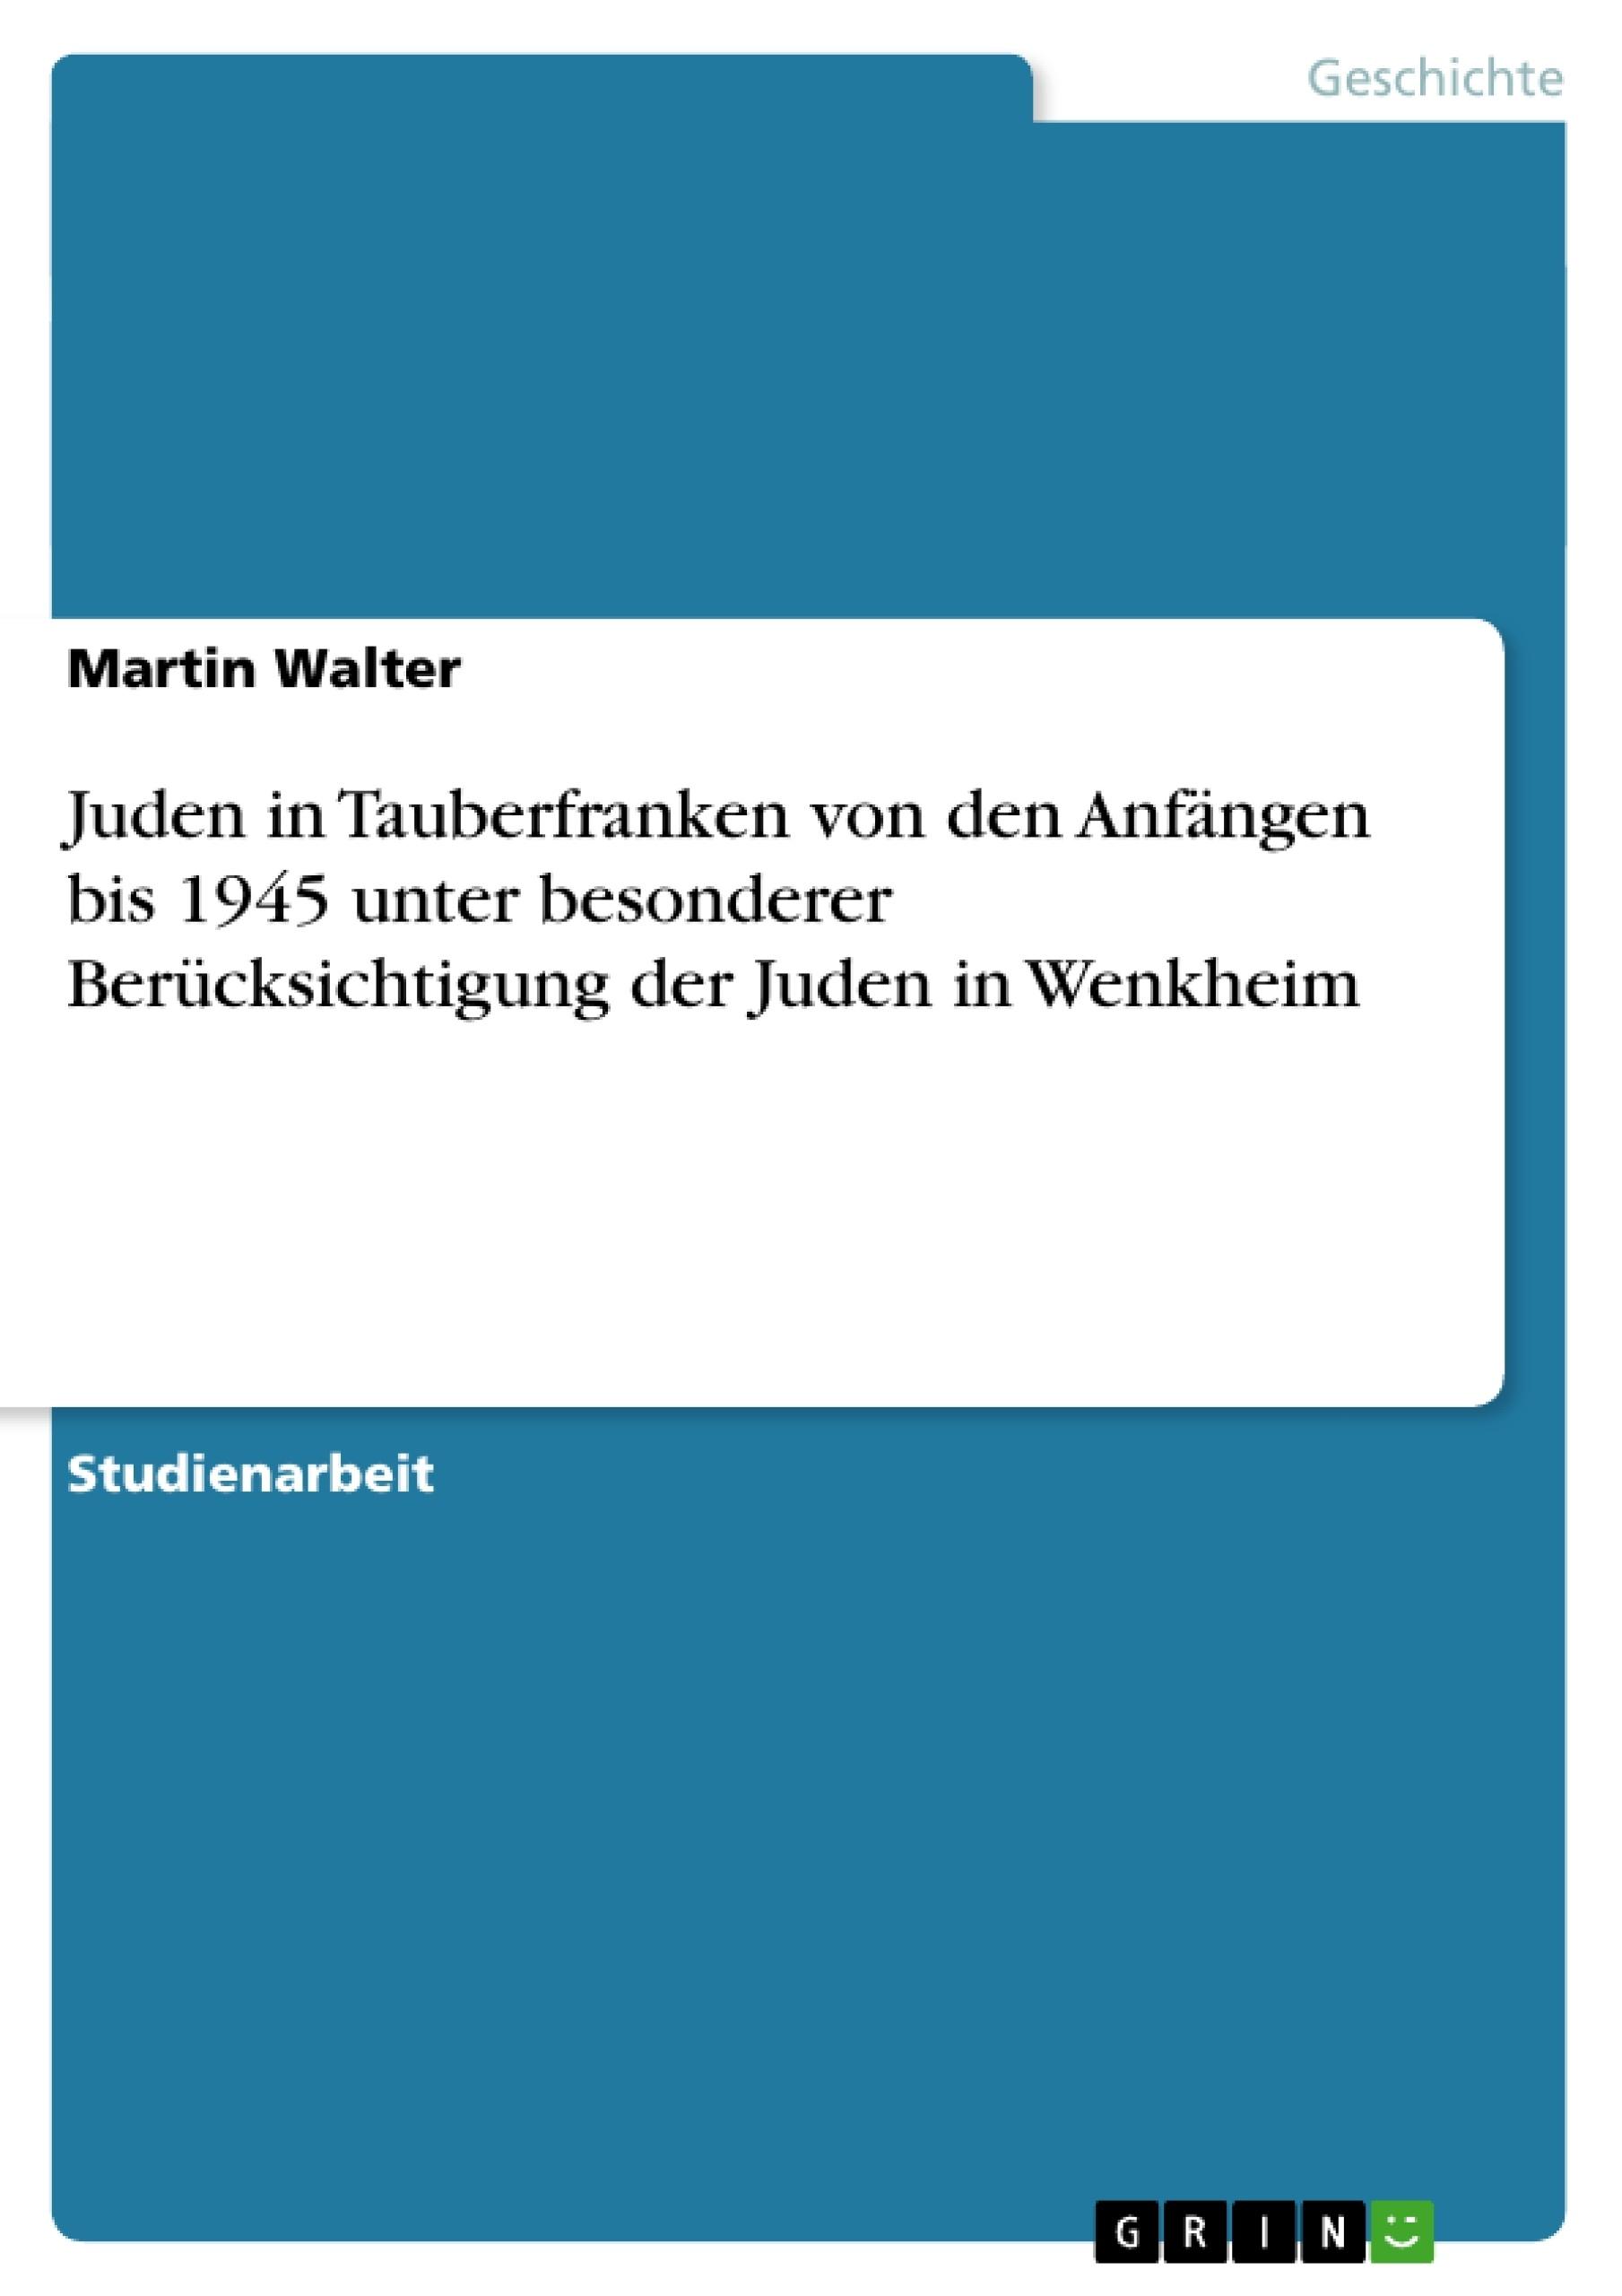 Titel: Juden in Tauberfranken von den Anfängen bis 1945 unter besonderer Berücksichtigung der Juden in Wenkheim